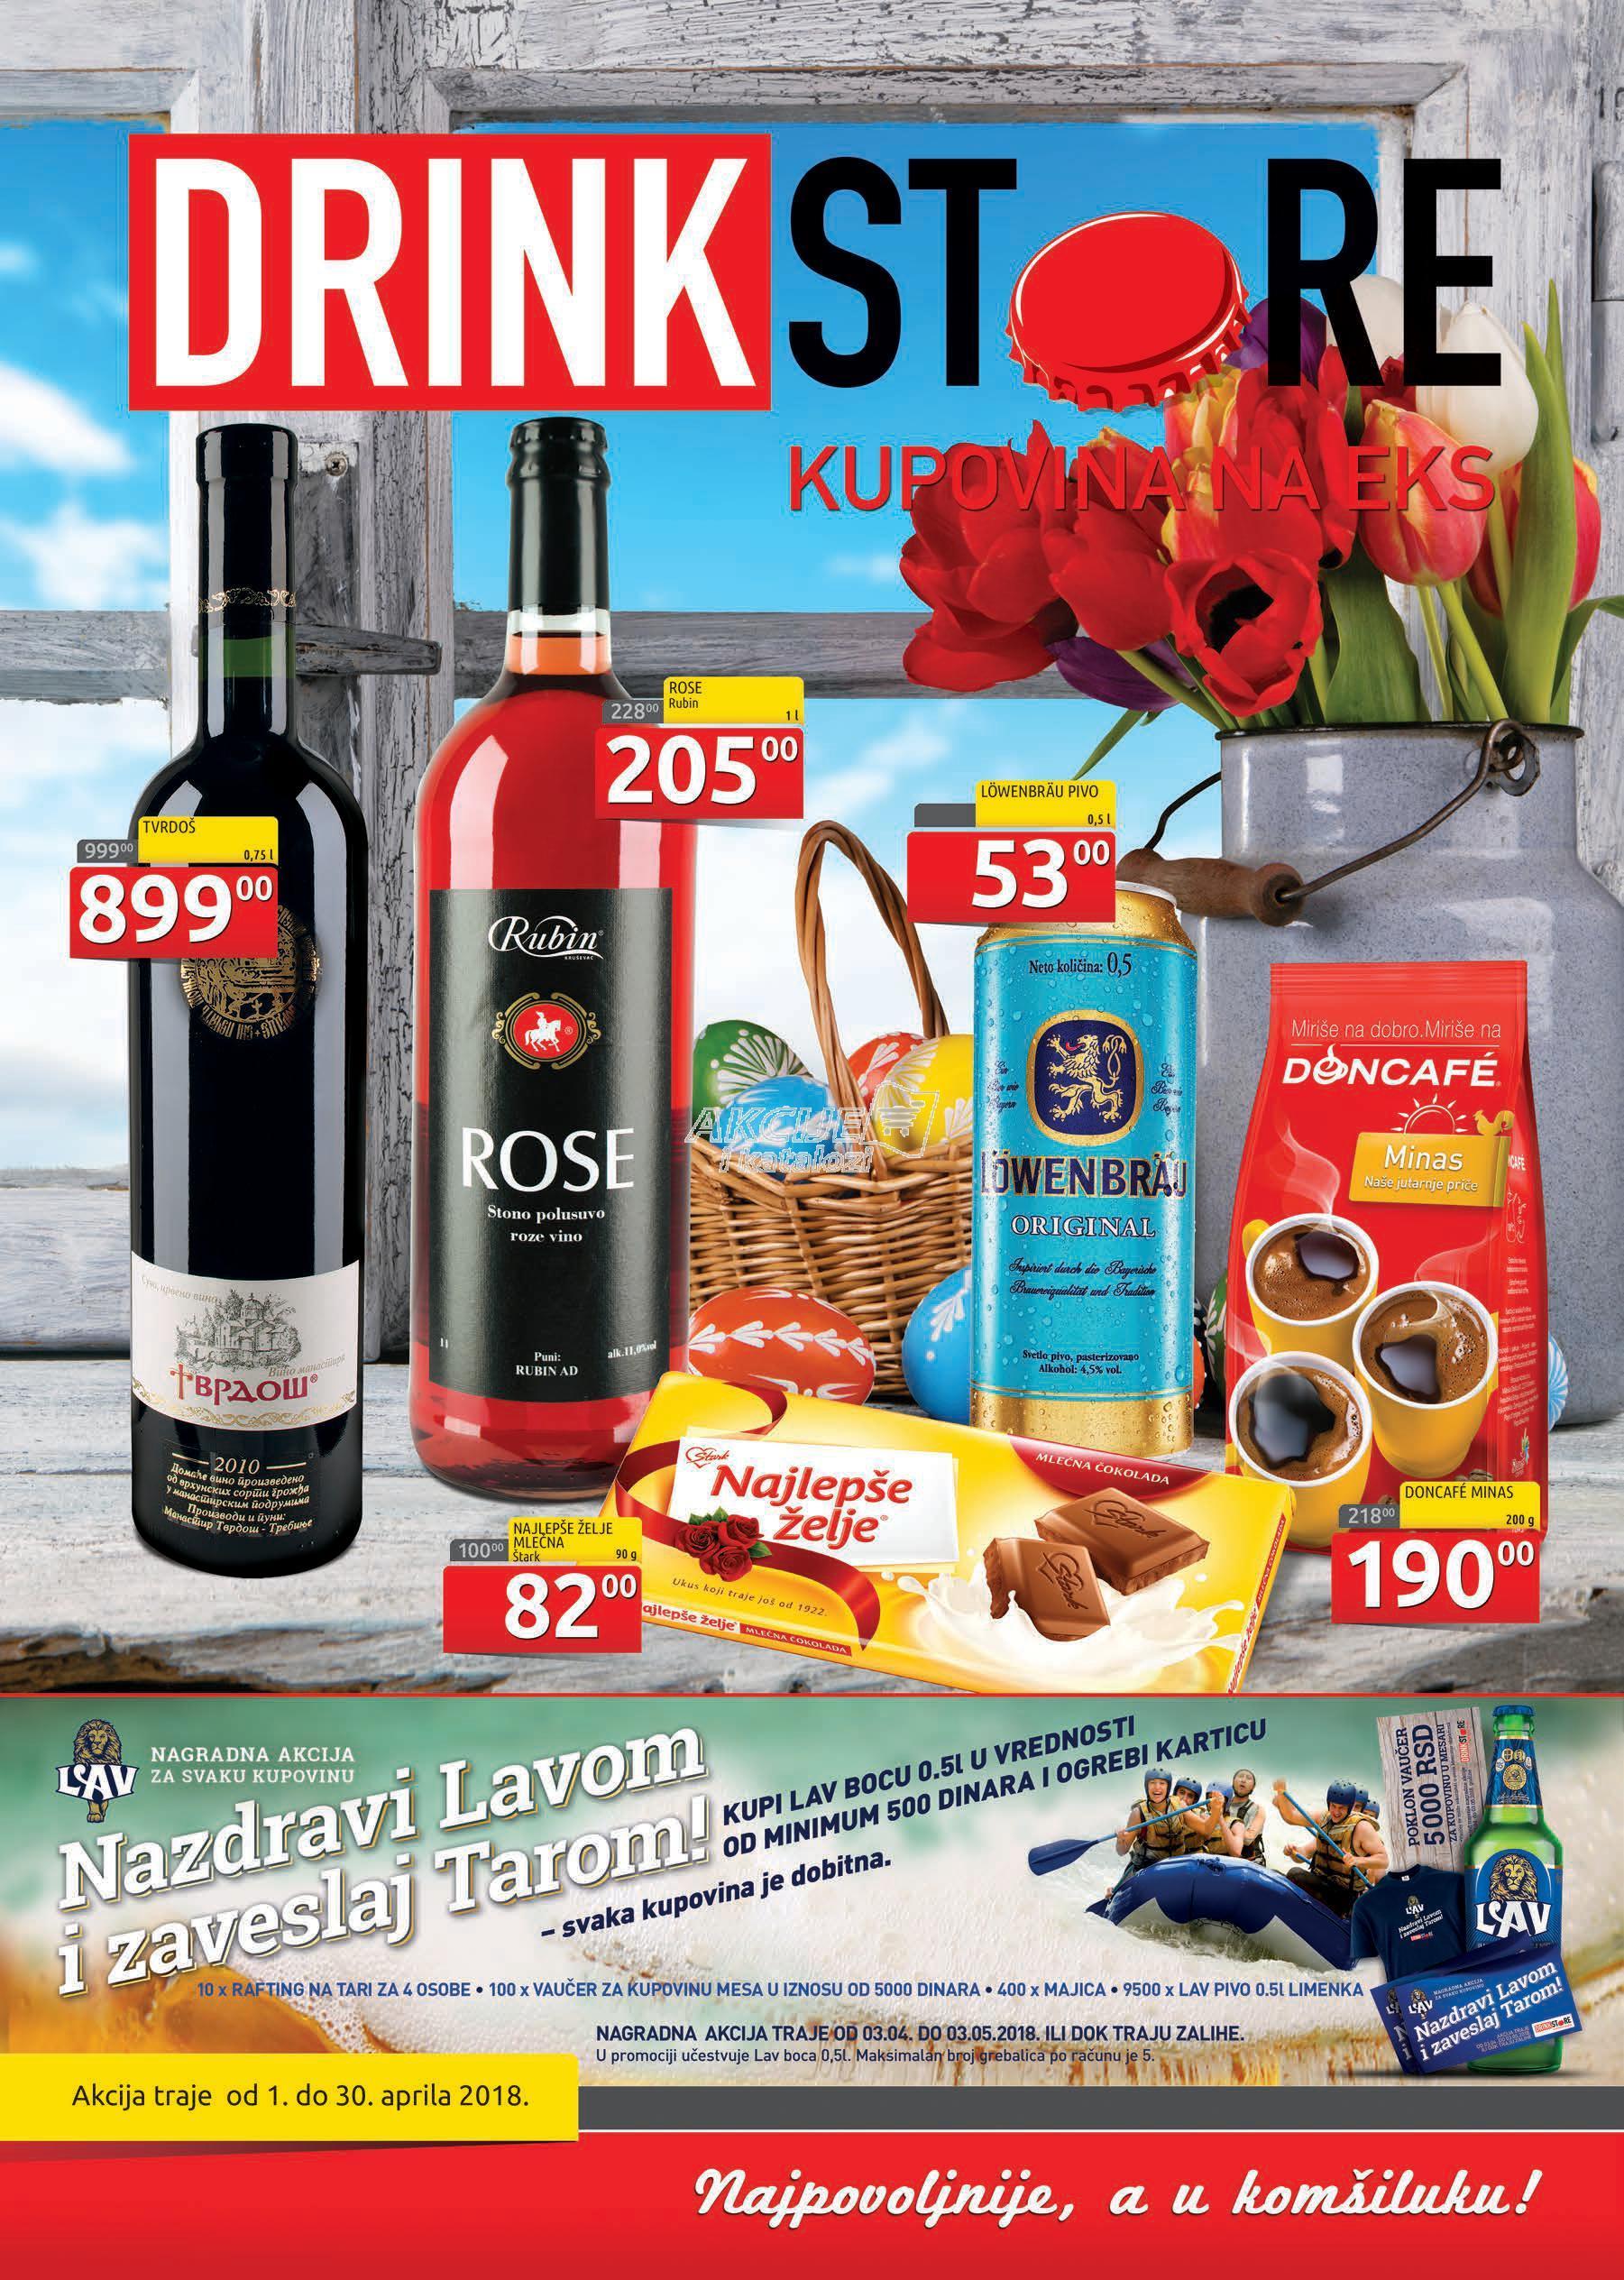 Drink Store akcija aprilske kupovine